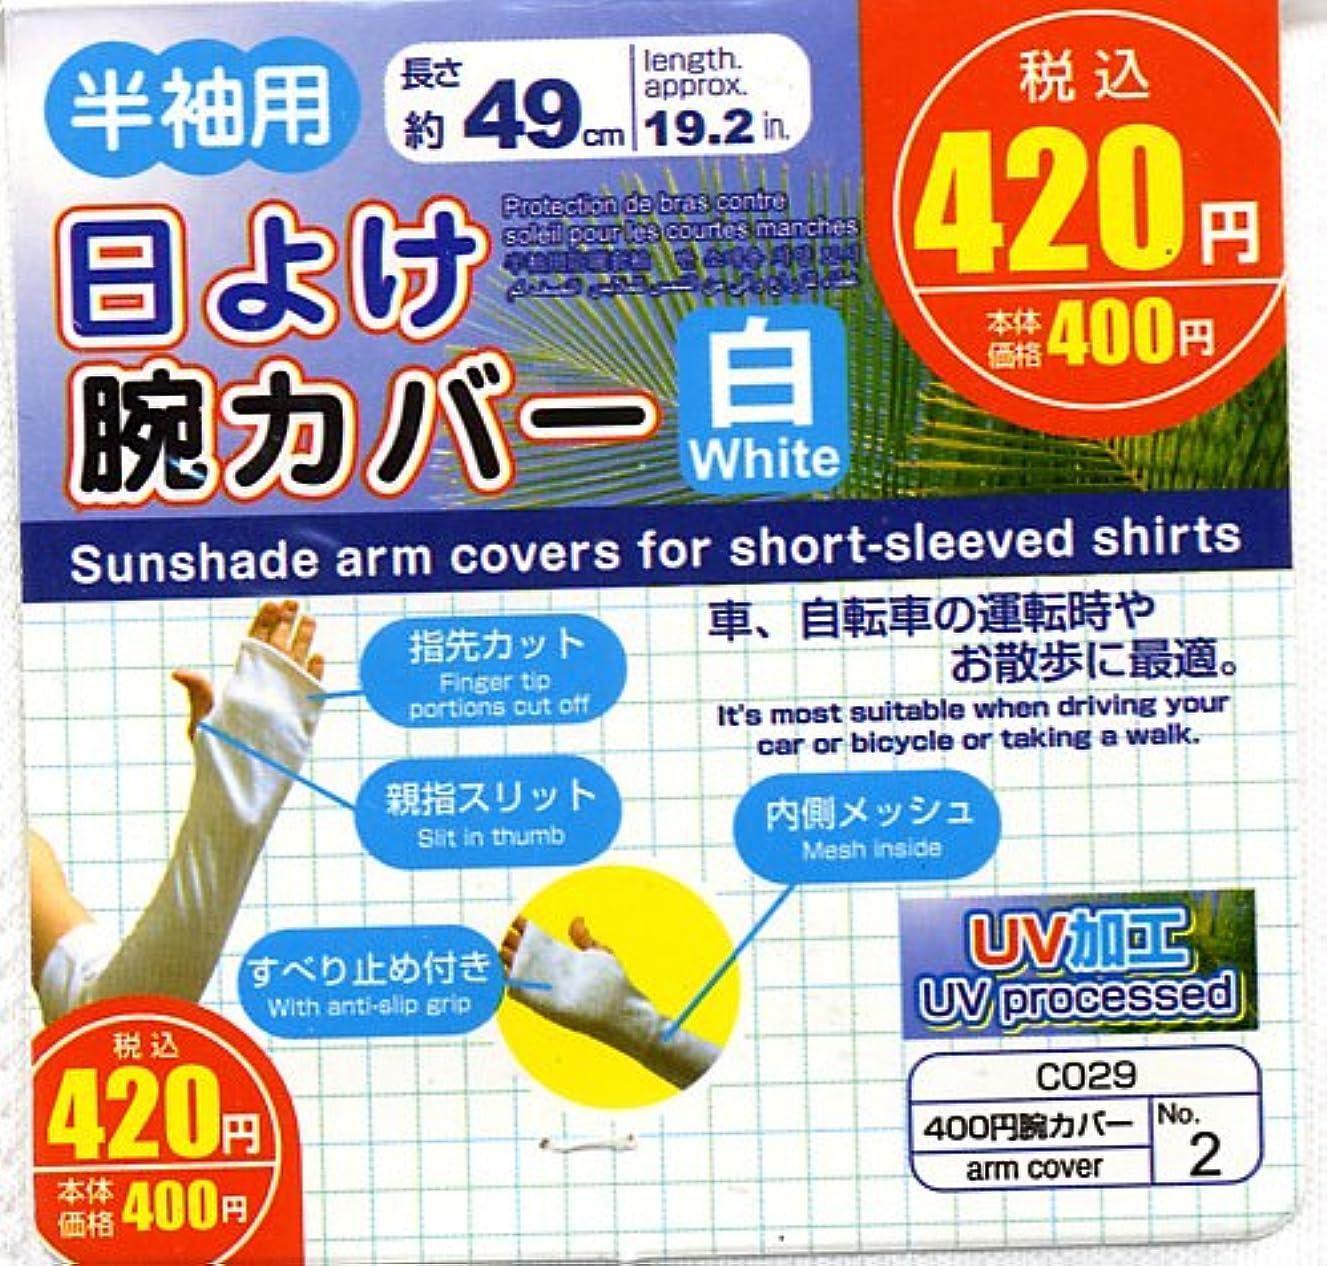 家族メイド著名な紫外線対策に!UVカットでお肌を紫外線から守る!日よけ腕カバー